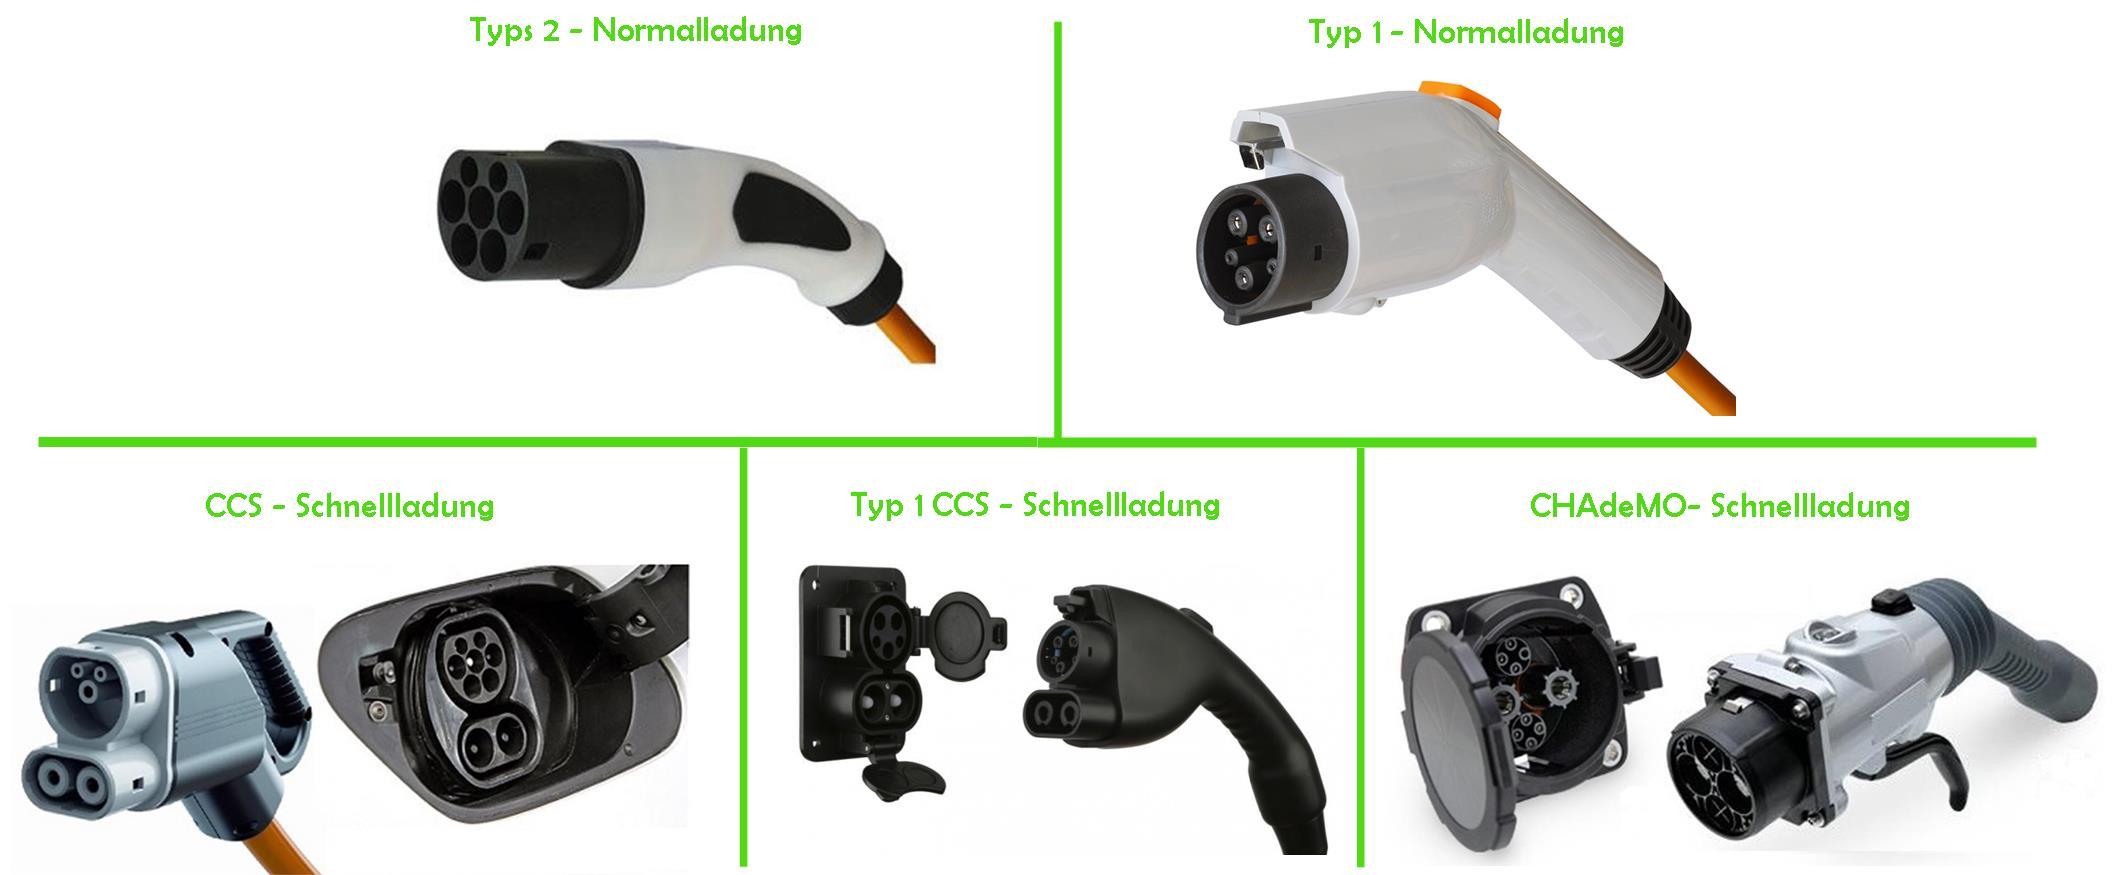 Schnellladung Laden Sie das Elektroauto auf typ 2 typ 1 Chademo CCS Normalladung